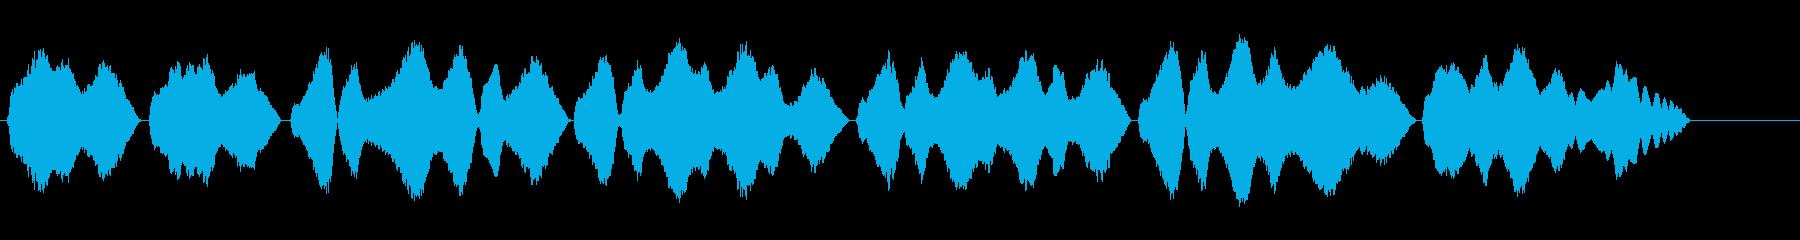 テルミン四重録音きよしこのよるBPM65の再生済みの波形